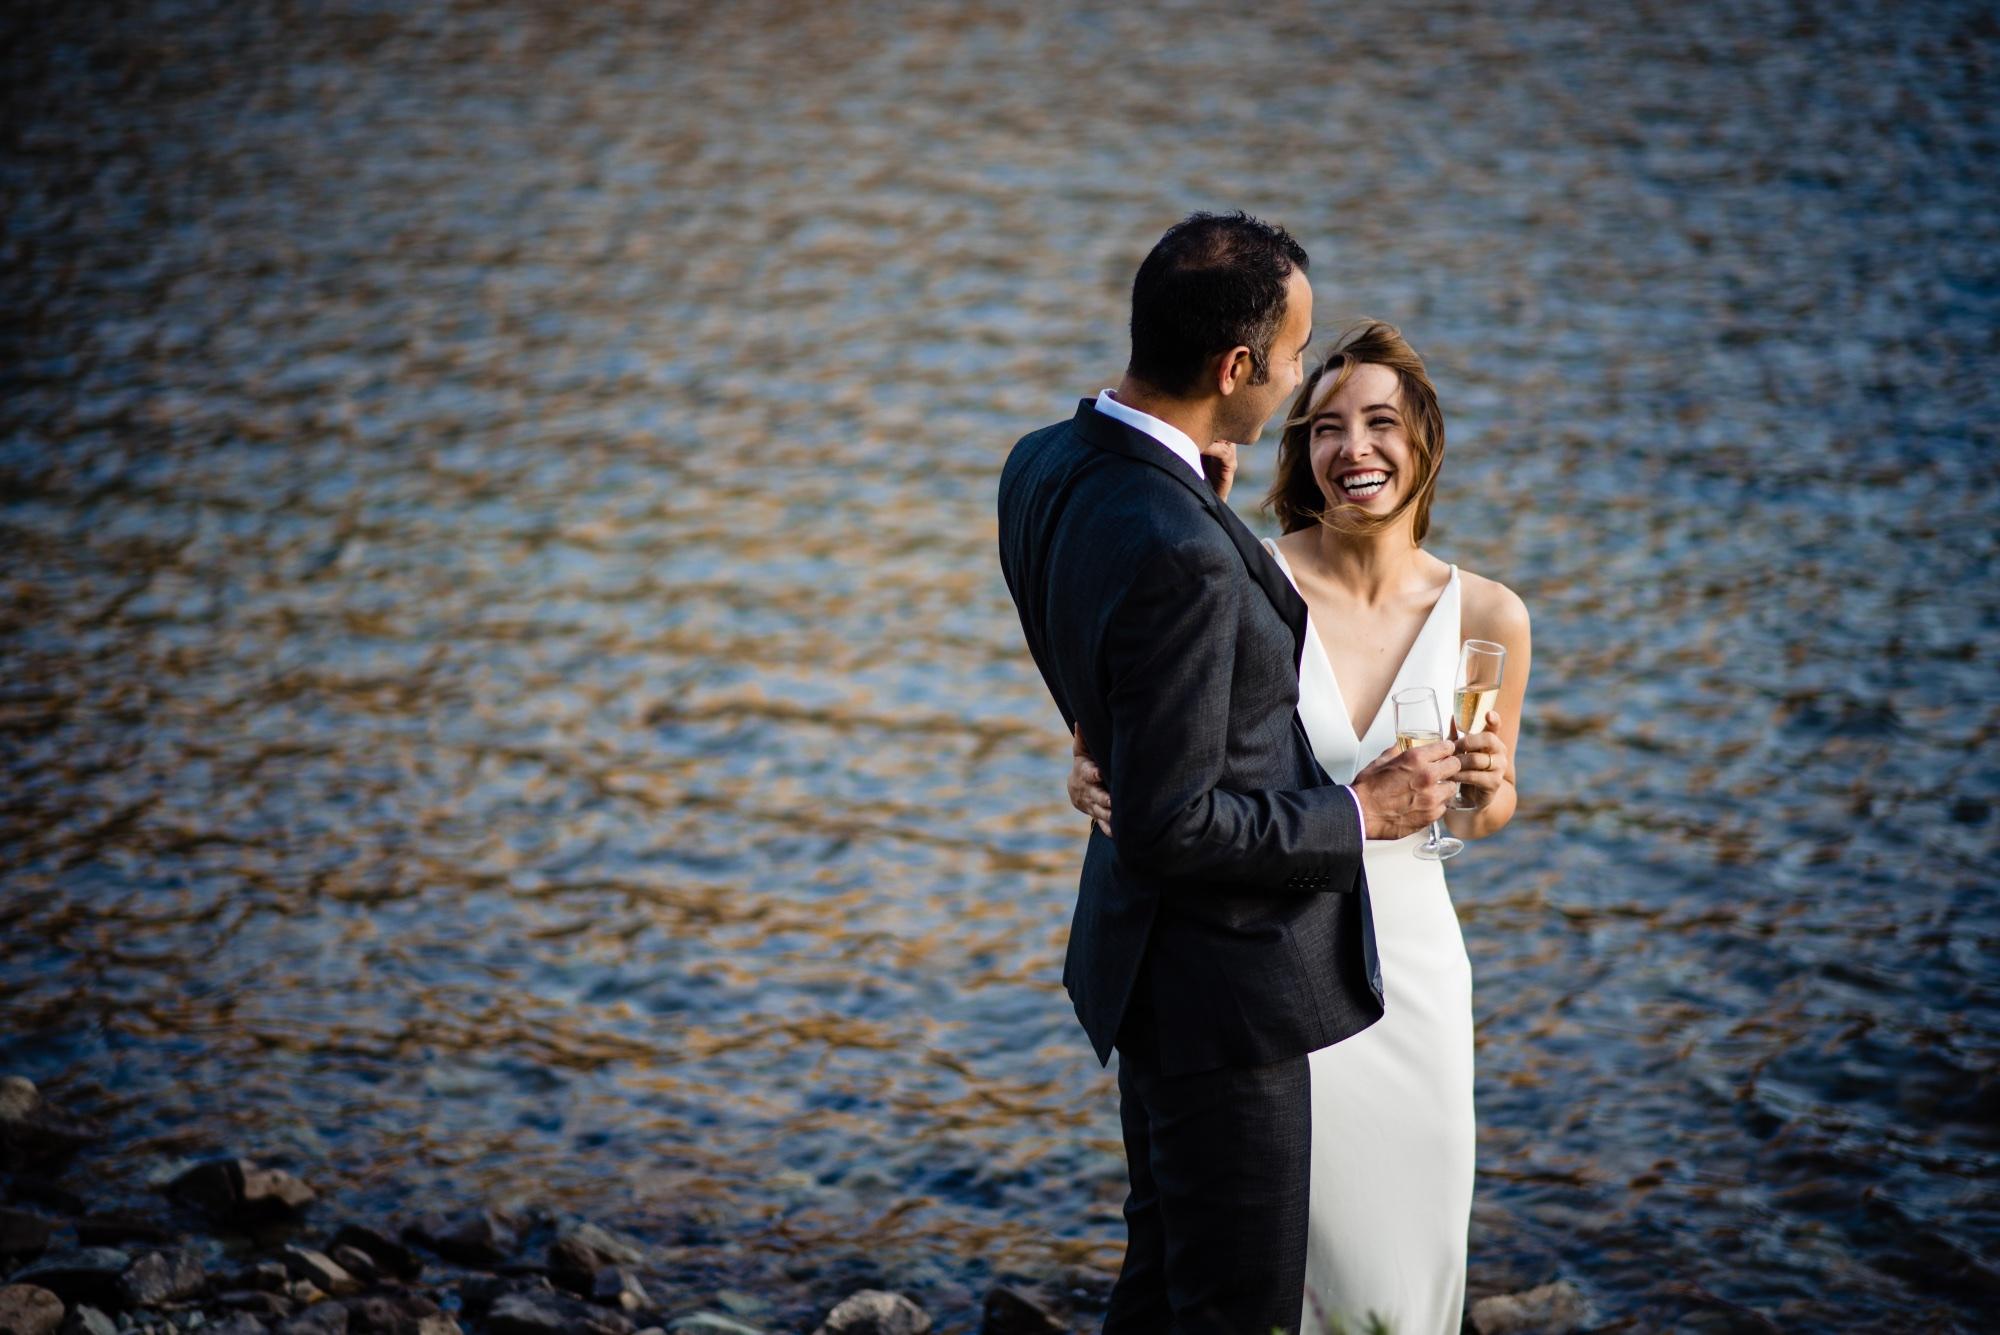 lindseyjanephoto_justmarried0041.jpg